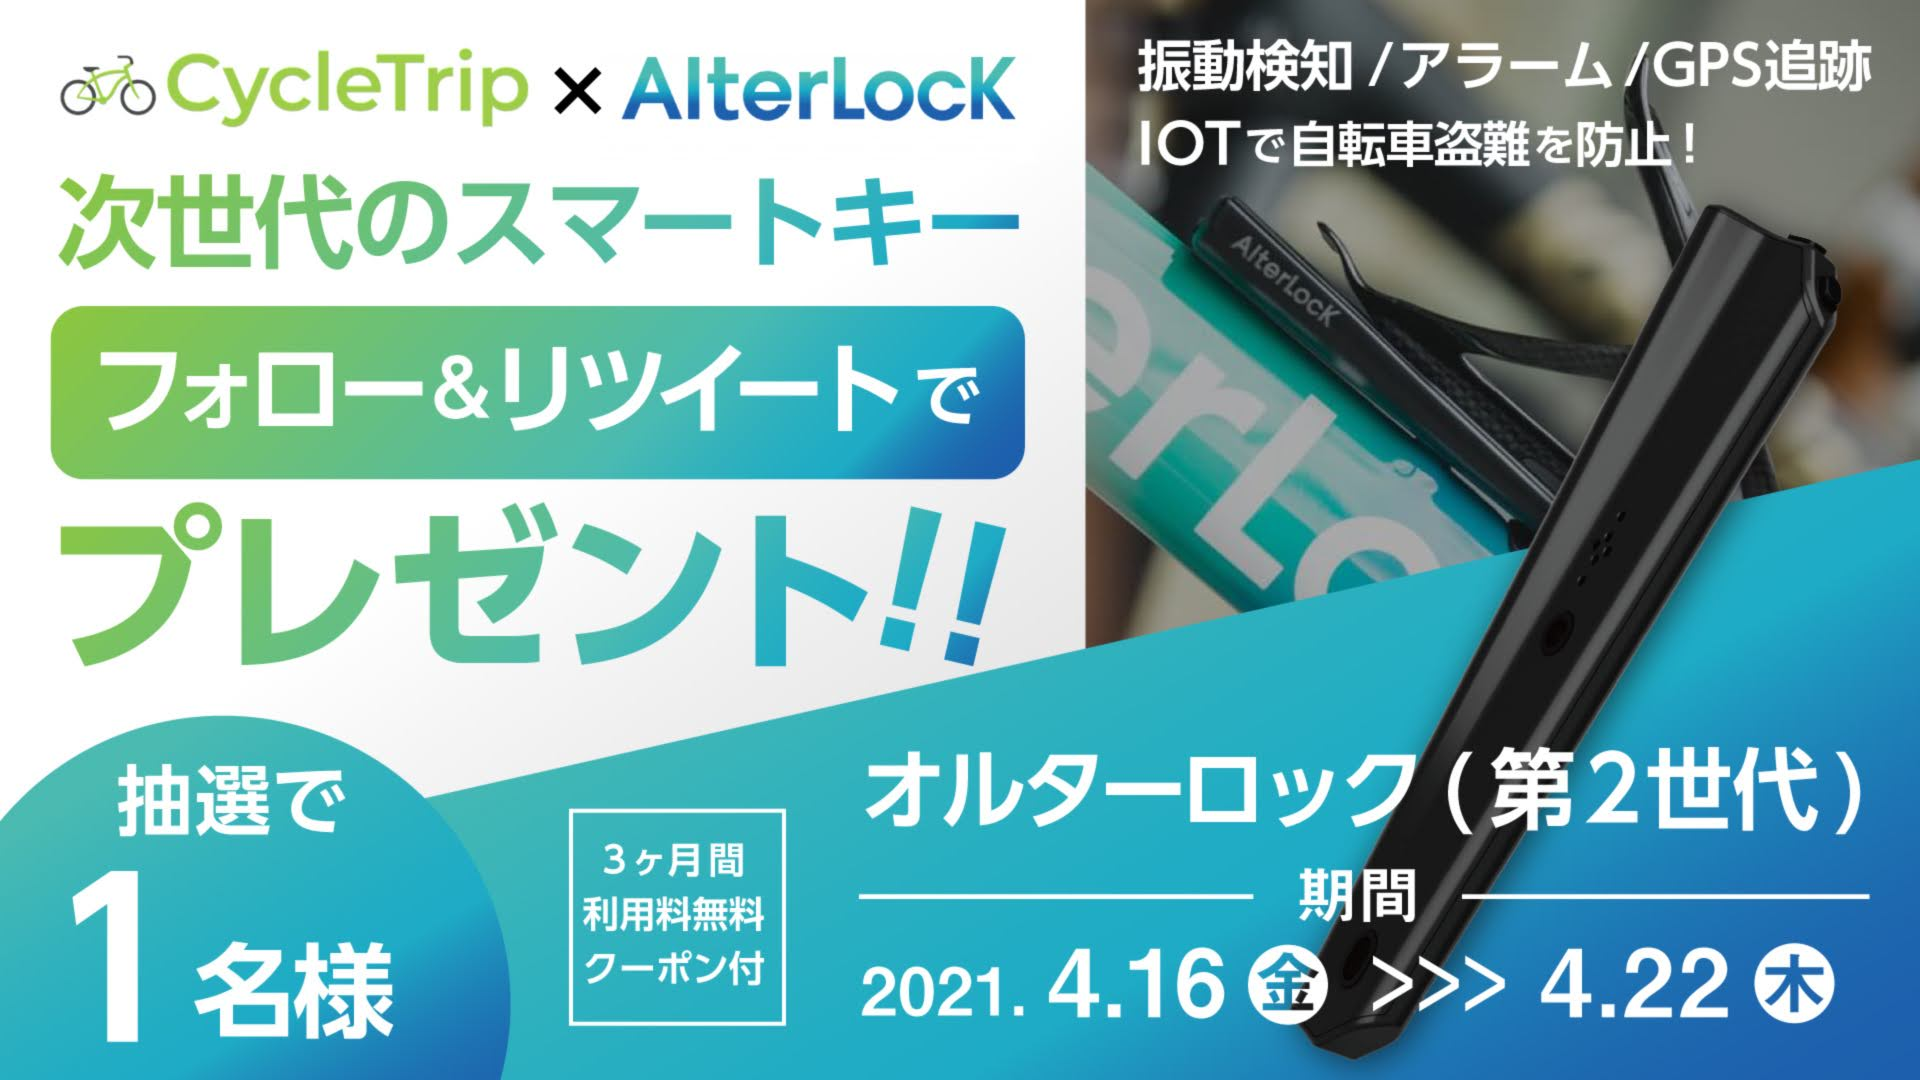 スポーツ自転車シェアアプリ「CycleTrip」話題の自転車盗難防止デバイス「AlterLock」を抽選で1名にプレゼントするキャンペーンを実施